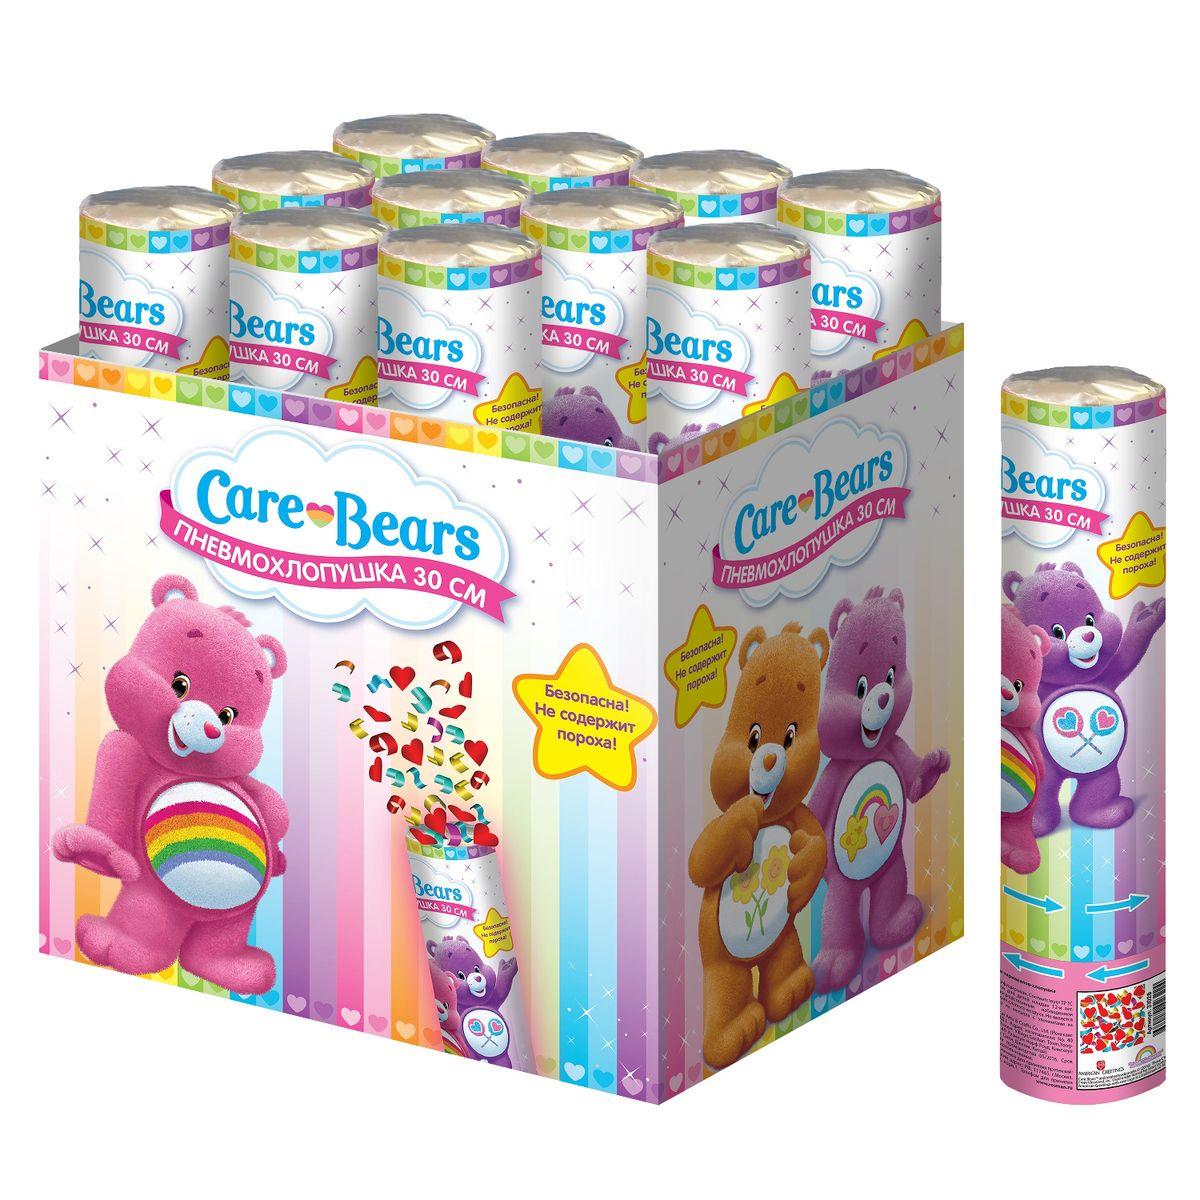 Росмэн Хлопушка Заботливые мишки 30 см31028Подарите ребятишкам радость, дополнив детский праздник хлопушкой Заботливые мишки. Когда раздастся звонкий хлопок и под веселый ребячий смех на всех посыплется разноцветное конфетти – восторг гостей торжества гарантирован! Хлопушка высотой 30 см, наполненная разноцветным конфетти из разноцветных сердечек, представляет собой металлическую тубу с бумажным и фольгированным наполнением. Изделие не содержит пороха, действует на основе сжатого воздуха, безопасно при использовании по назначению. Товар сертифицирован.